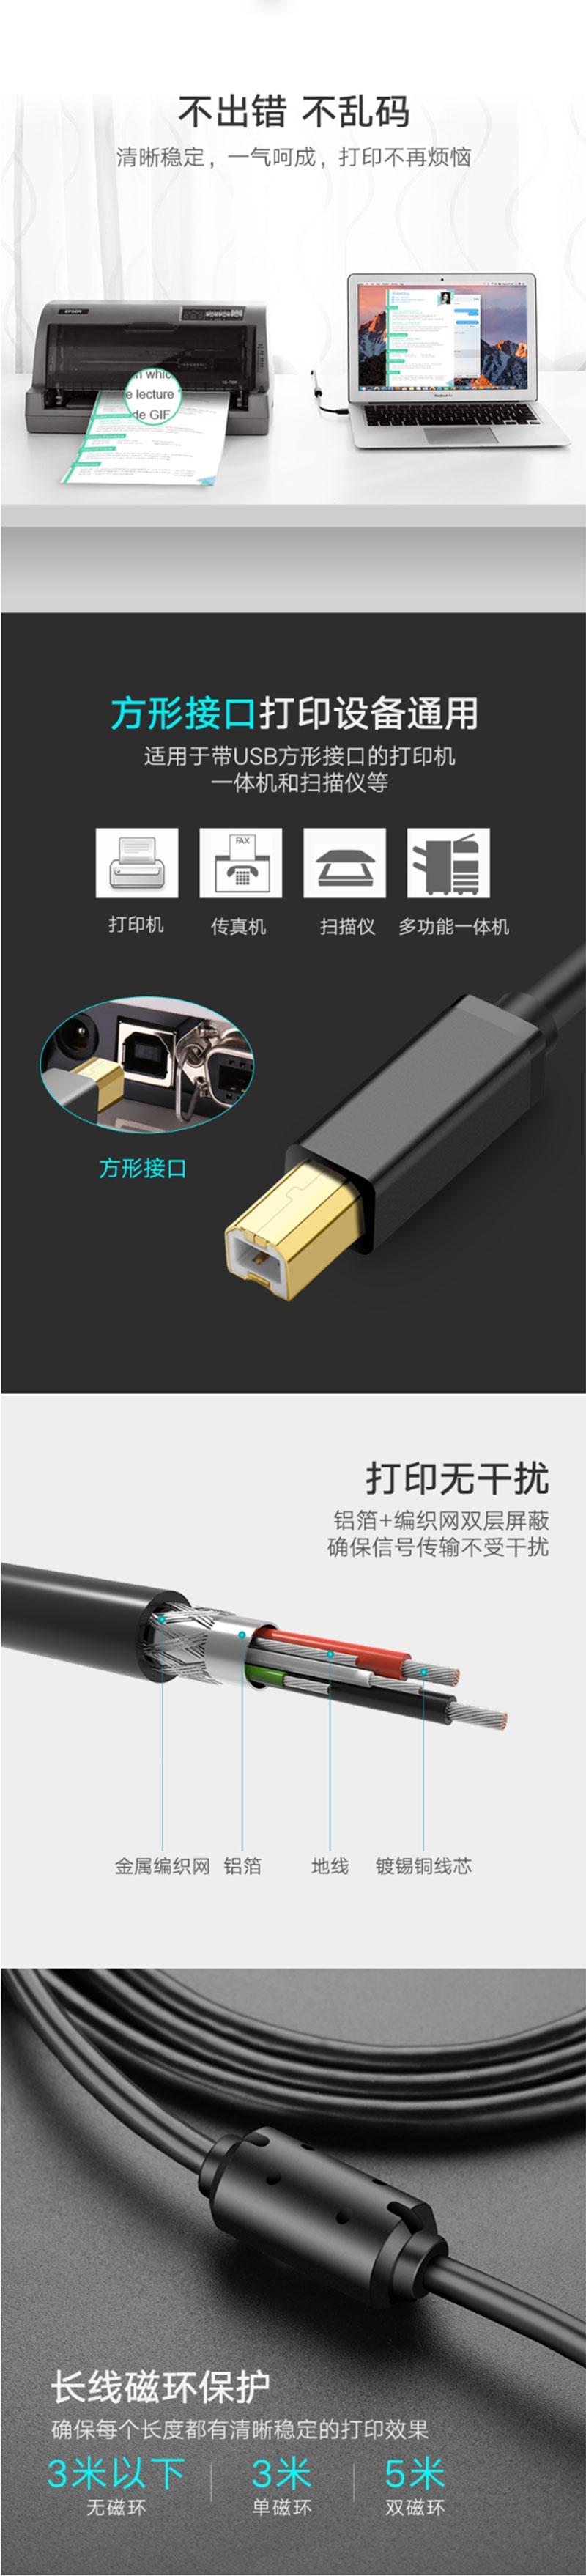 绿联10350 1.5米打印机方口线 镀金